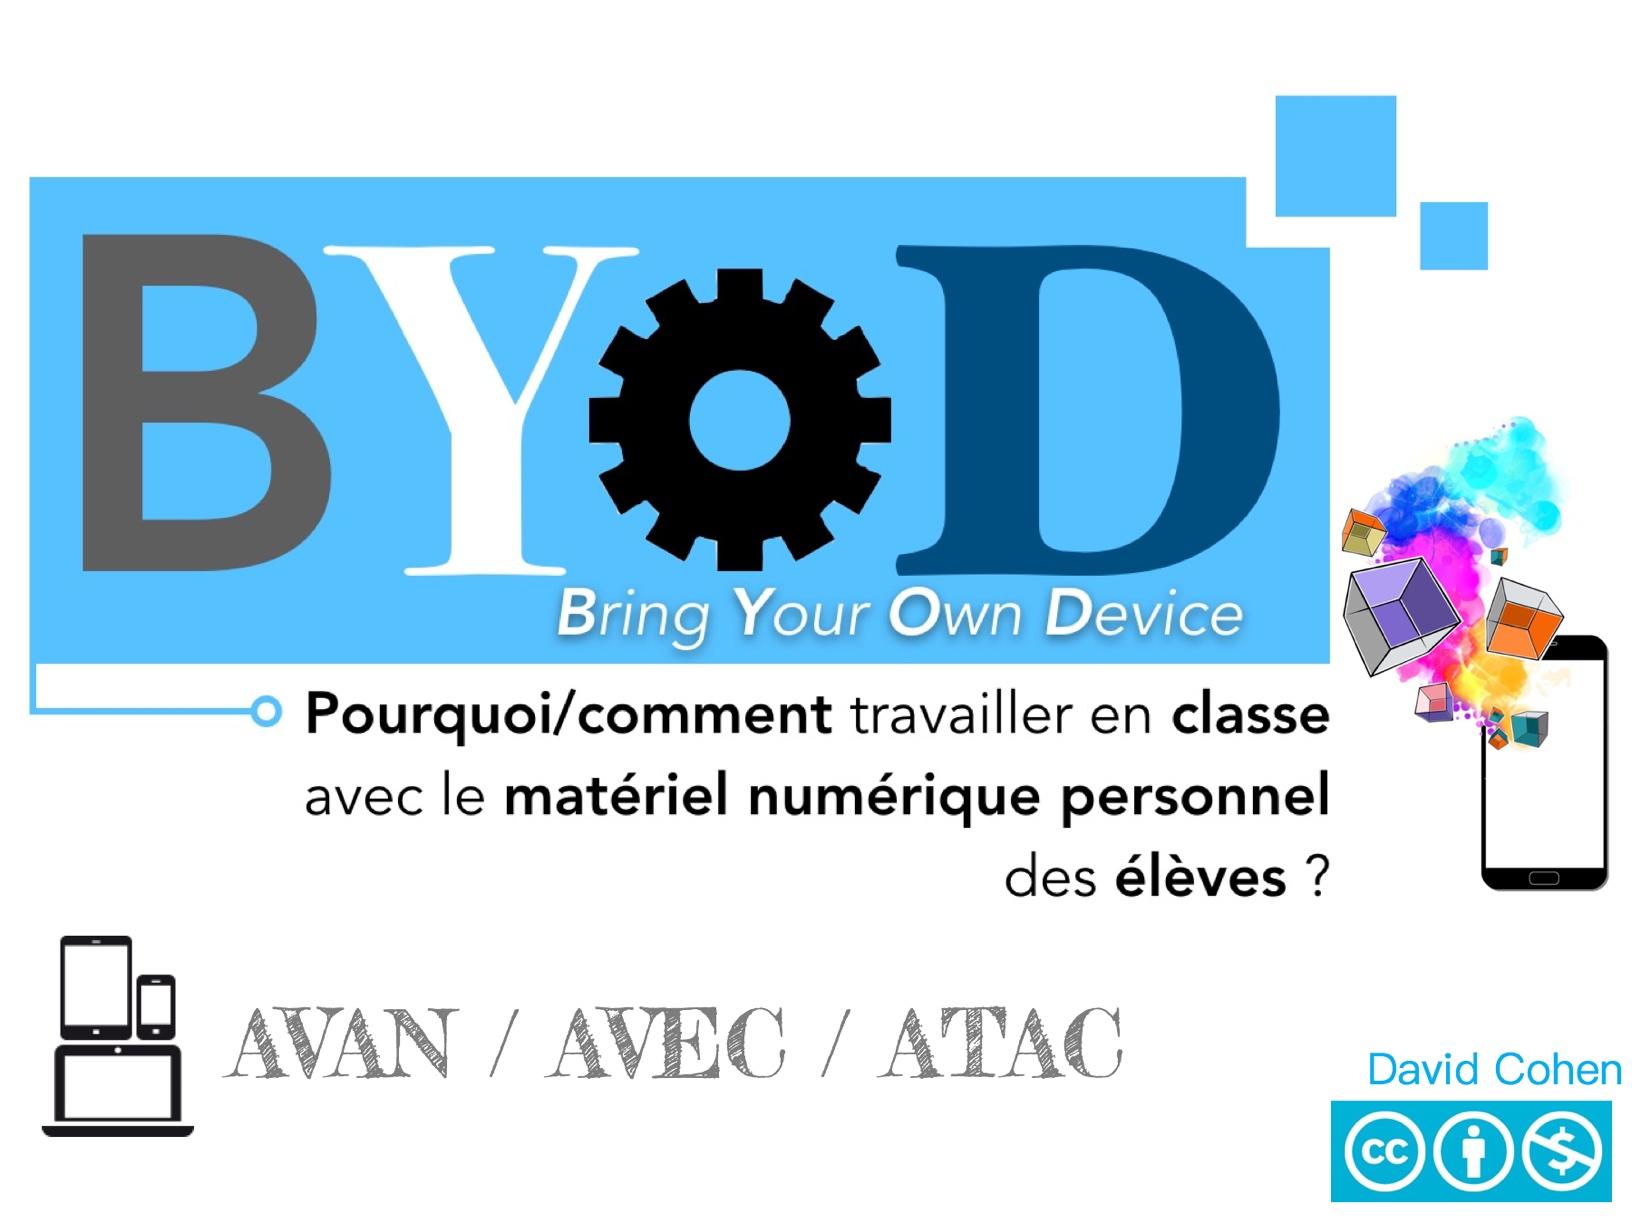 Reflexions autour du BYOD